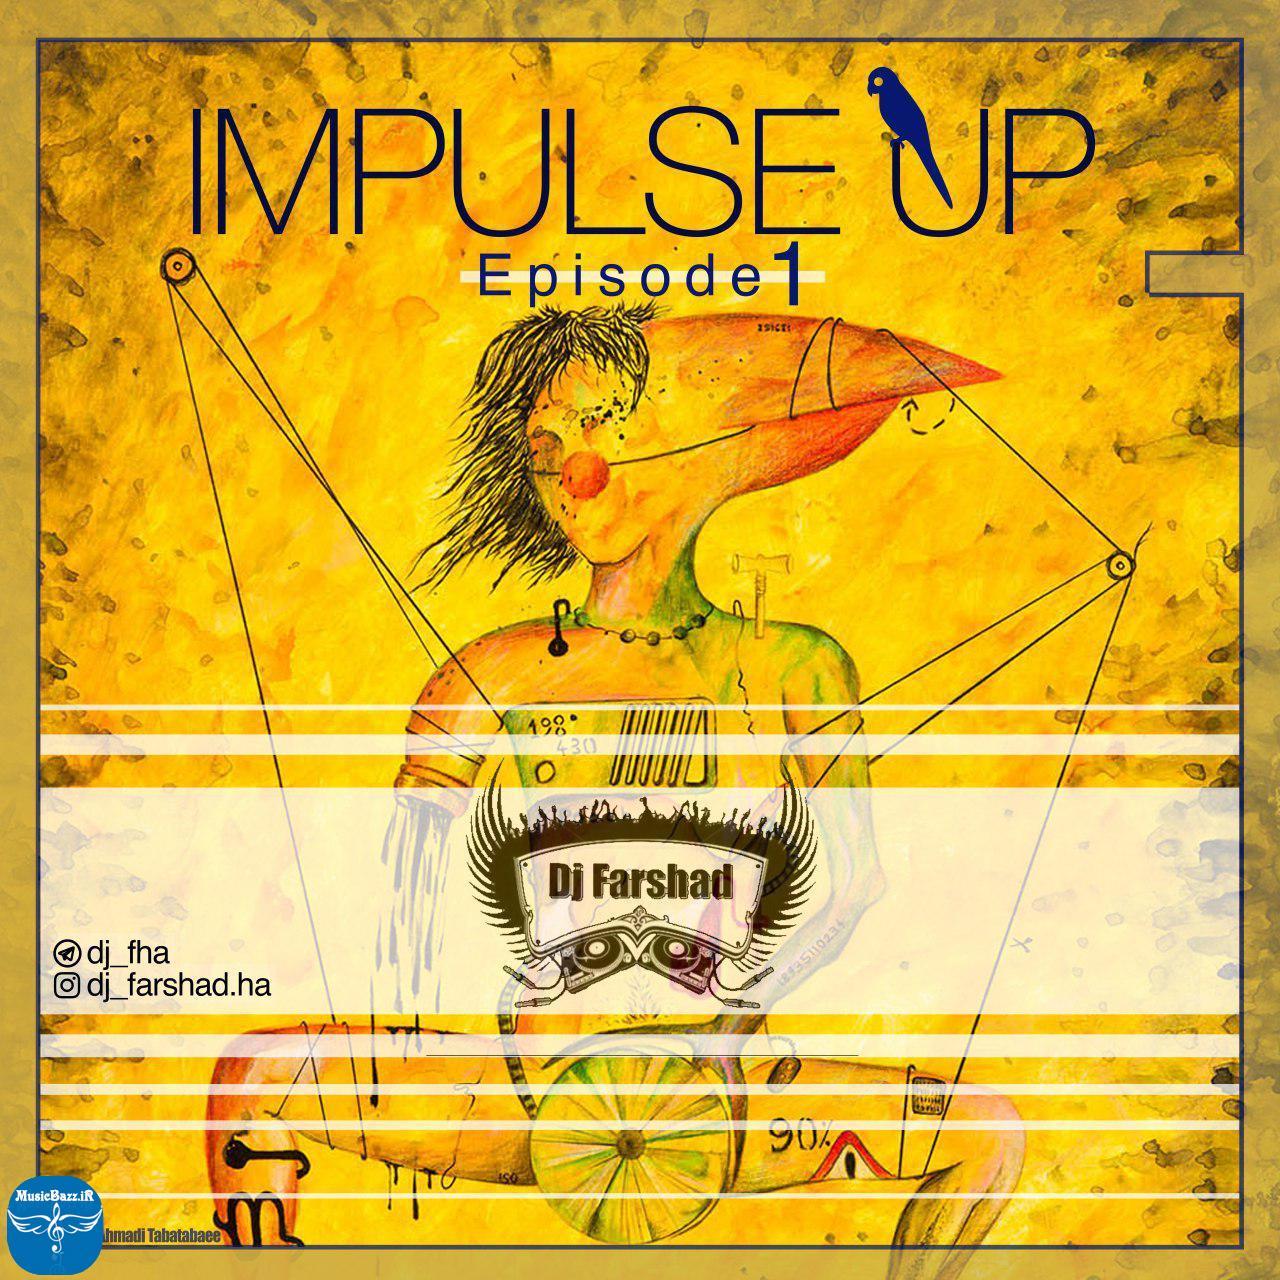 دانلود ریمیکس جدیدو فوق العاده زیبایدیجی فرشادبه نامImpuse Up Episode 1